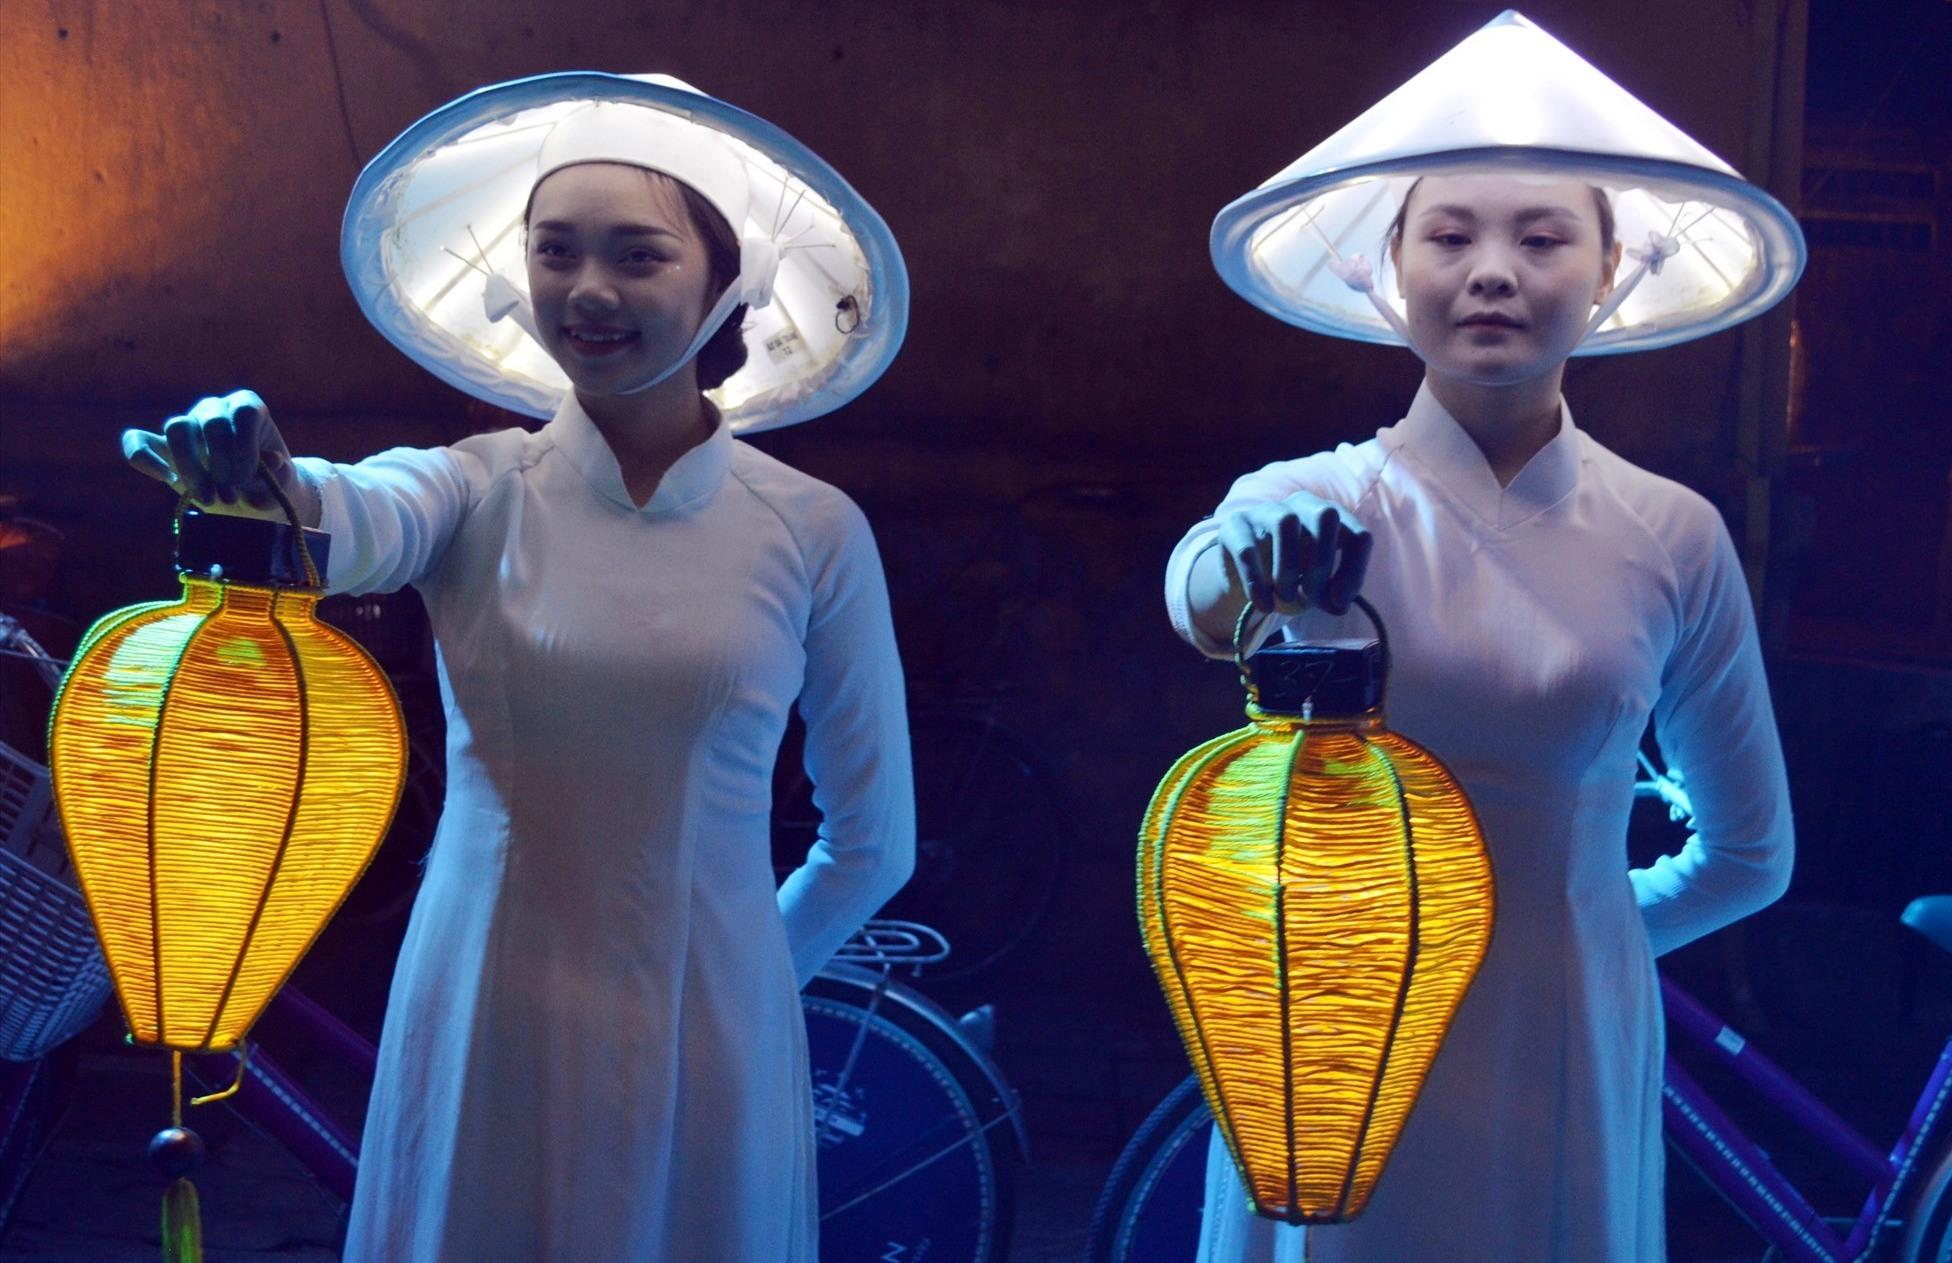 Sự cộng hưởng giữa tà áo dài và ánh đèn lồng đã tạo sự hút với du khách